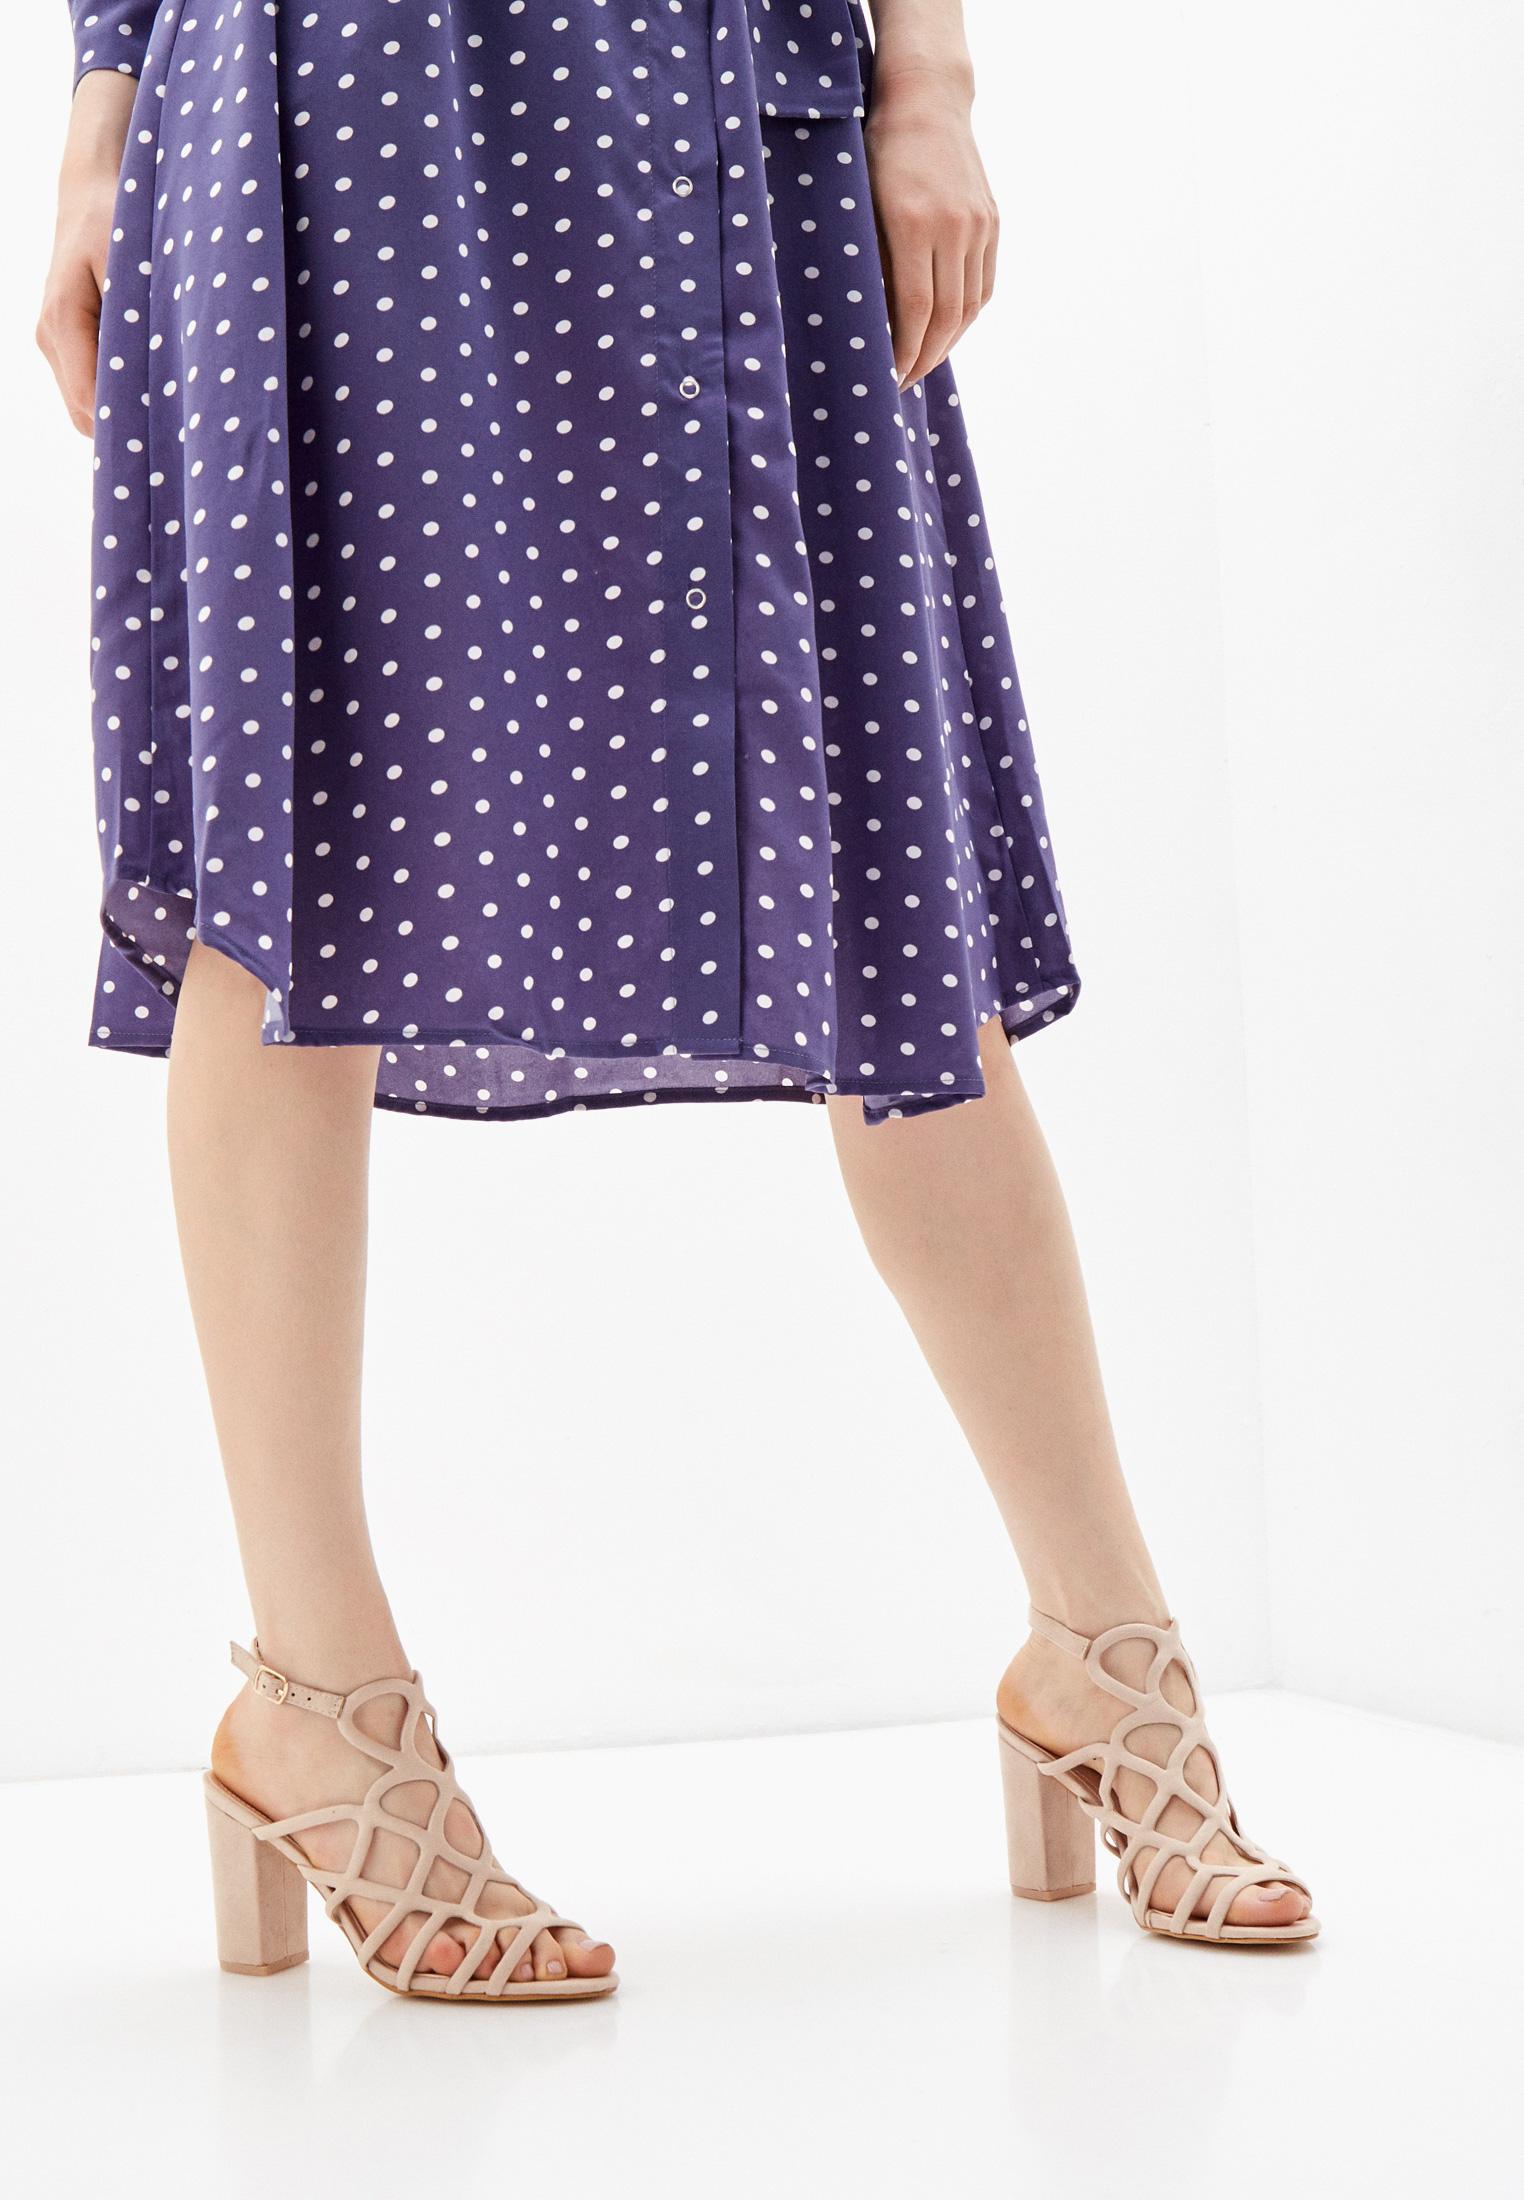 Женские босоножки Sweet Shoes F20-9159